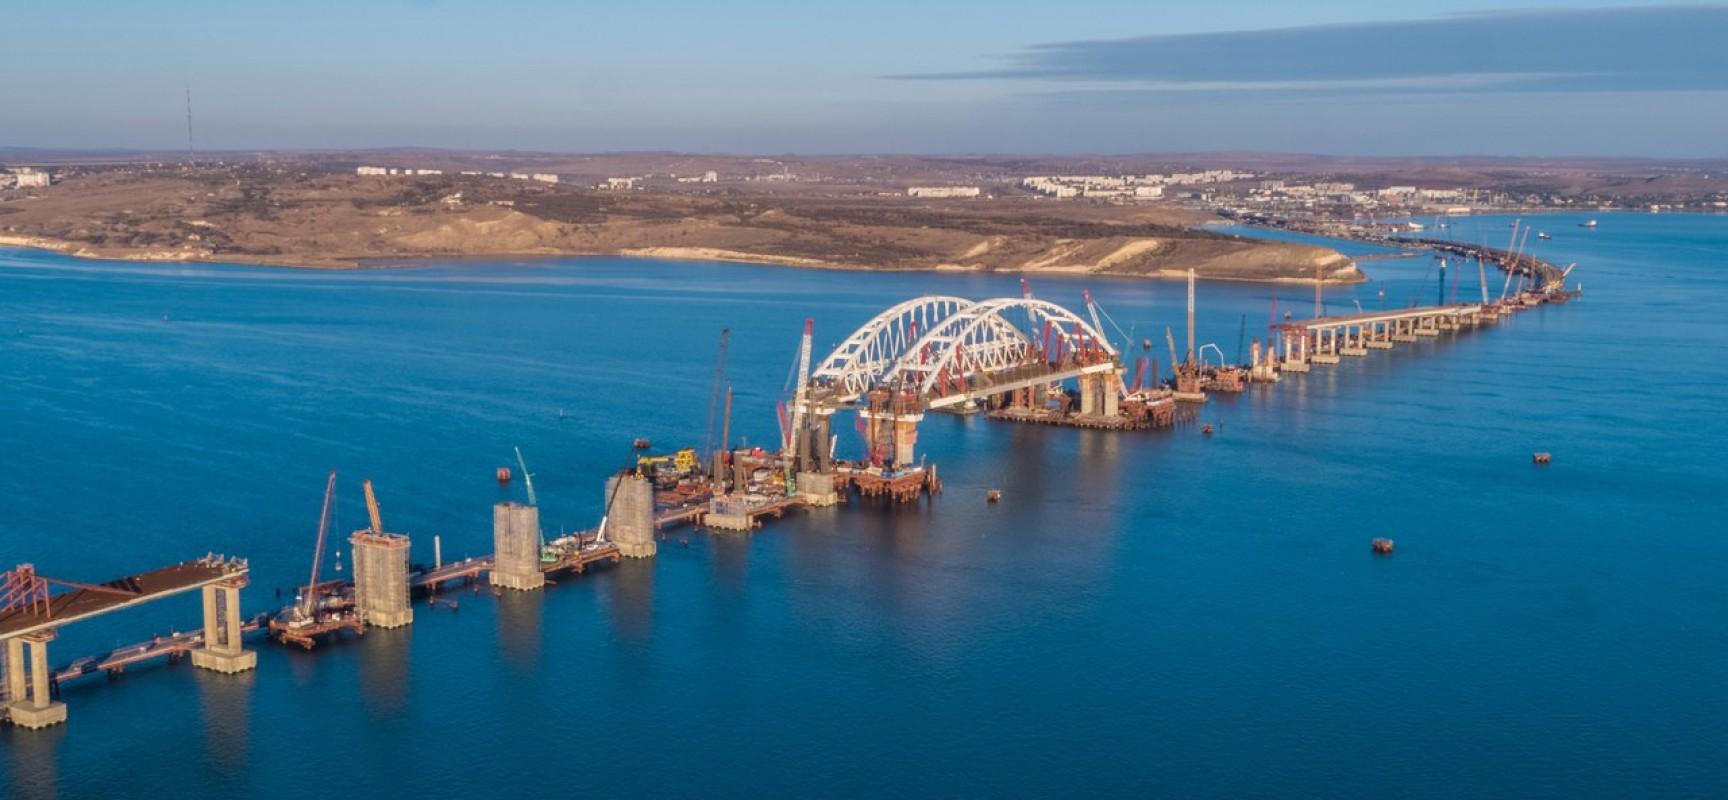 Установка автодорожной арки Керченского моста завершена, пролив открыт для судоходства